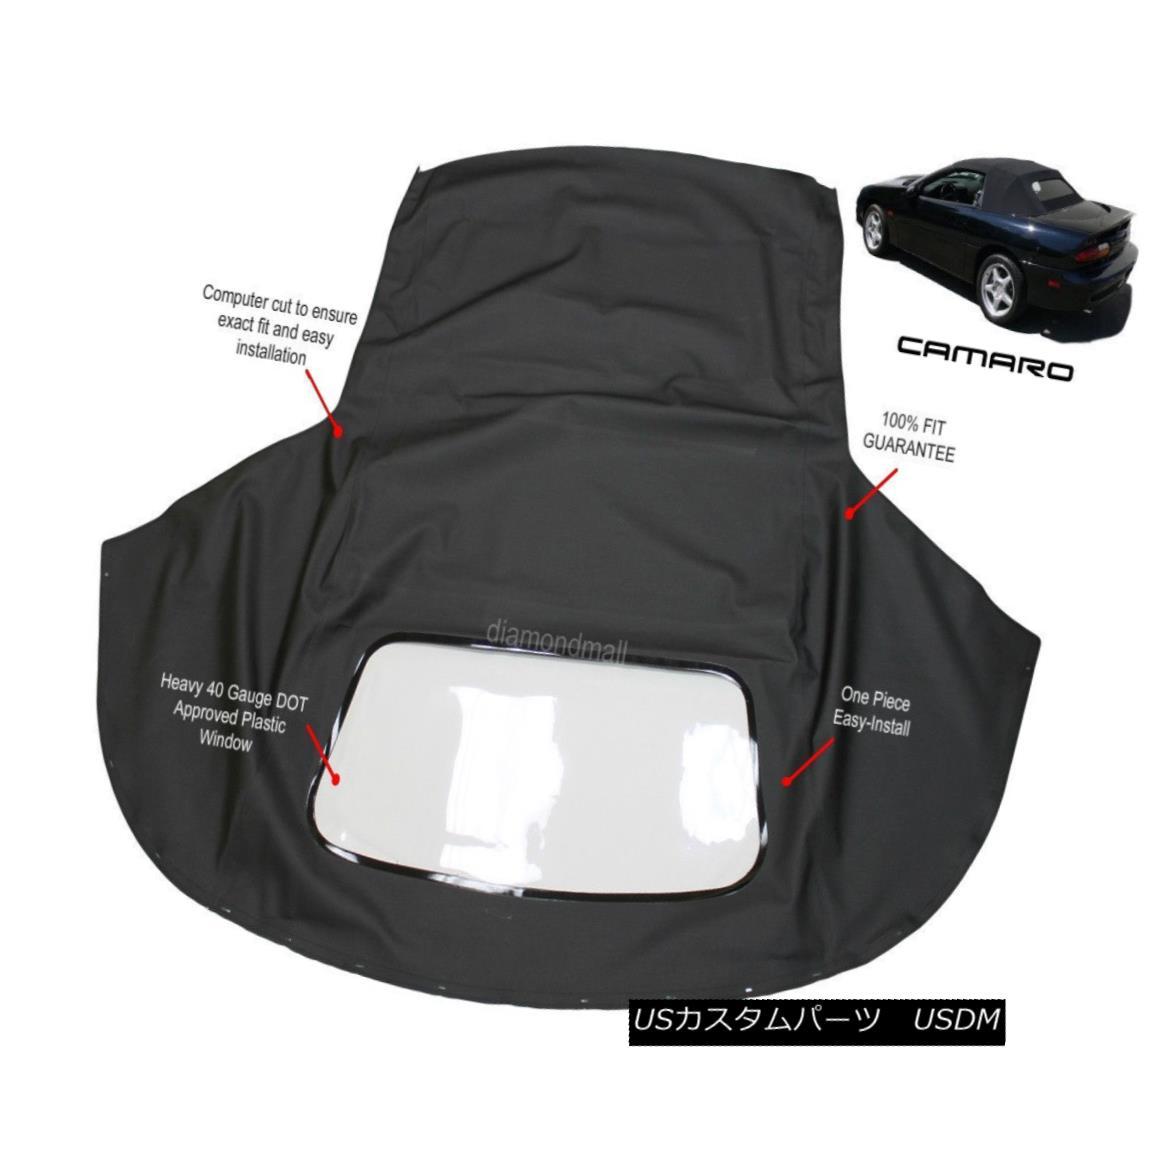 幌・ソフトトップ Chevrolet Camaro 1994-02 Convertible Soft Top & Plastic Window Black Sailcloth シボレーカマロ1994-02コンバーチブルソフトトップ& プラスチック製の窓黒い帆布